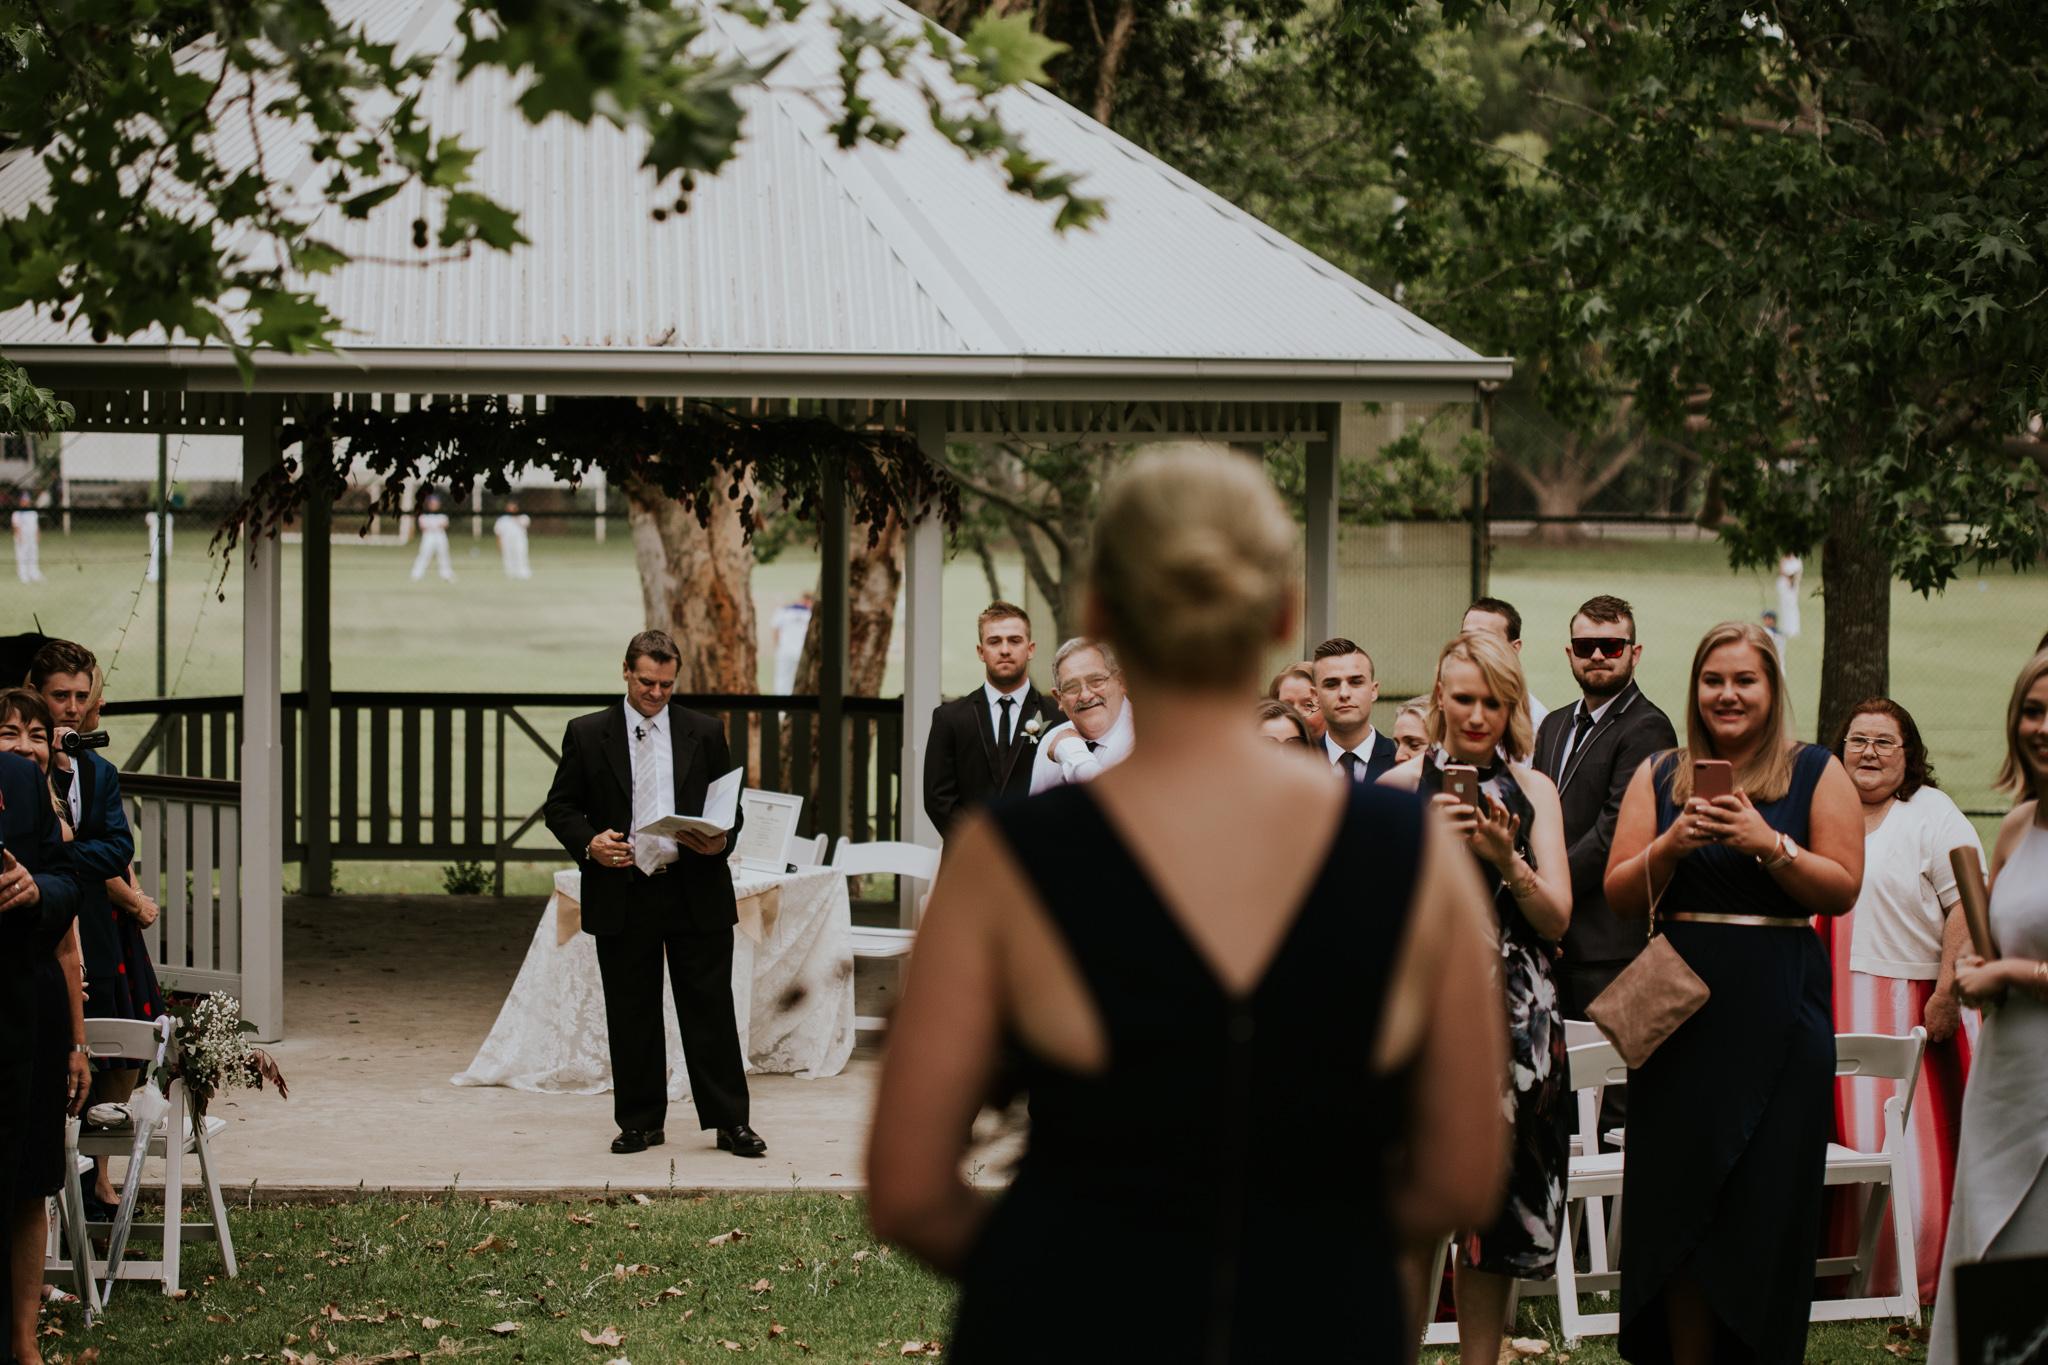 Lucy+Kyle+Kiama+Sebel+wedding-54.jpg